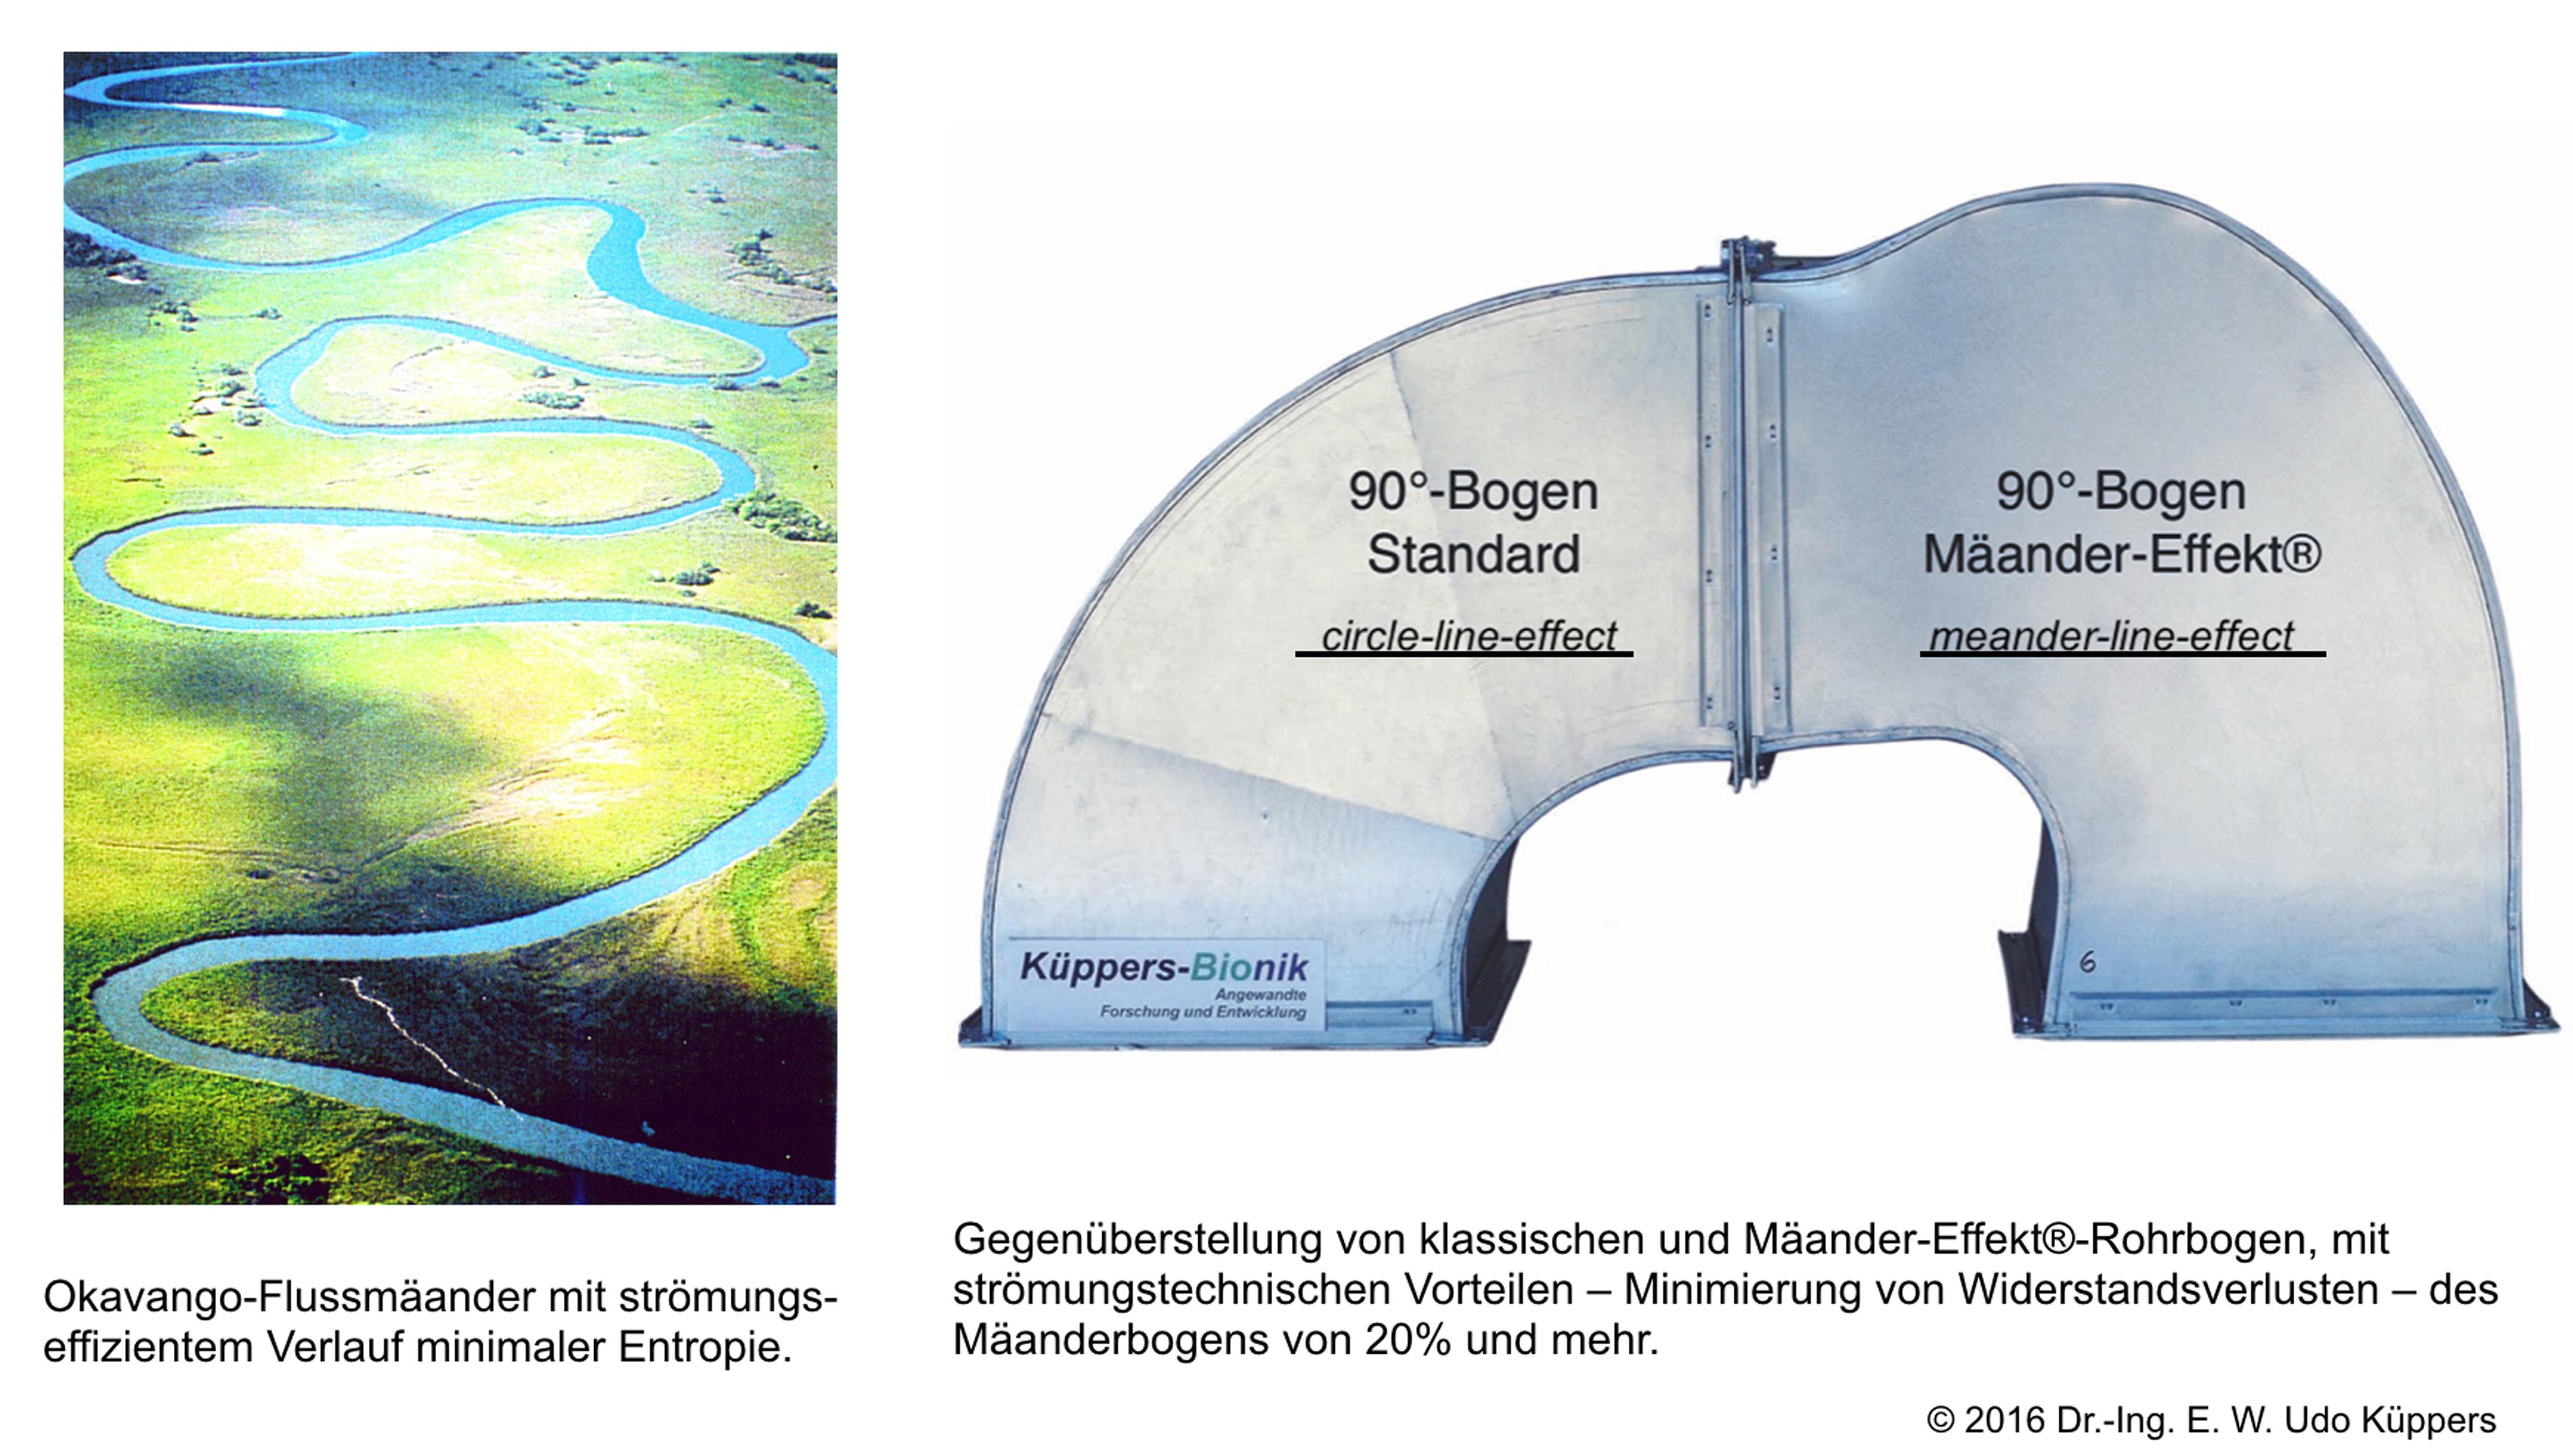 Abbildung 6: Die Dynamik und Effizienz frei mäandrierender Fließgewässer hilft technischen Rohrsystemen zu Konstruktionen hoher Transporteffizienz und verlustarmen Strömungsprozessen